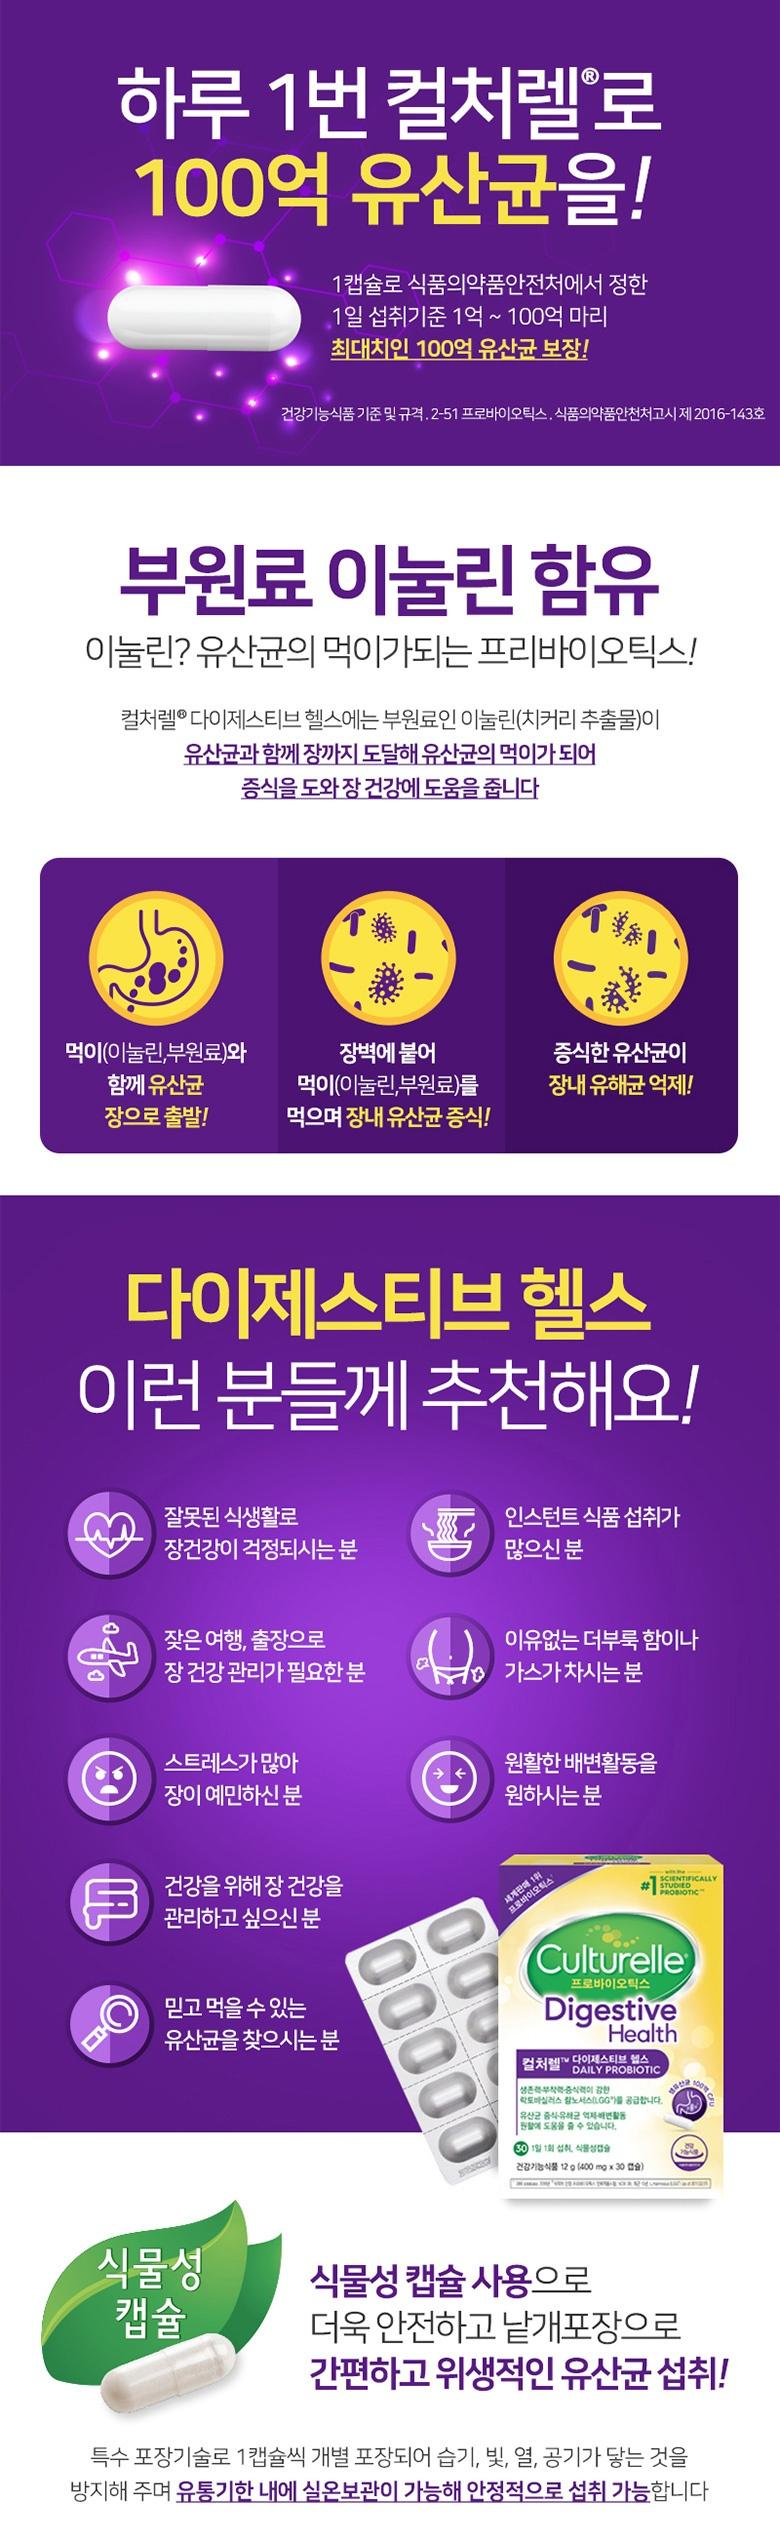 컬처렐 다이제스티브 헬스 체험단 모집 (12.04~12.11)